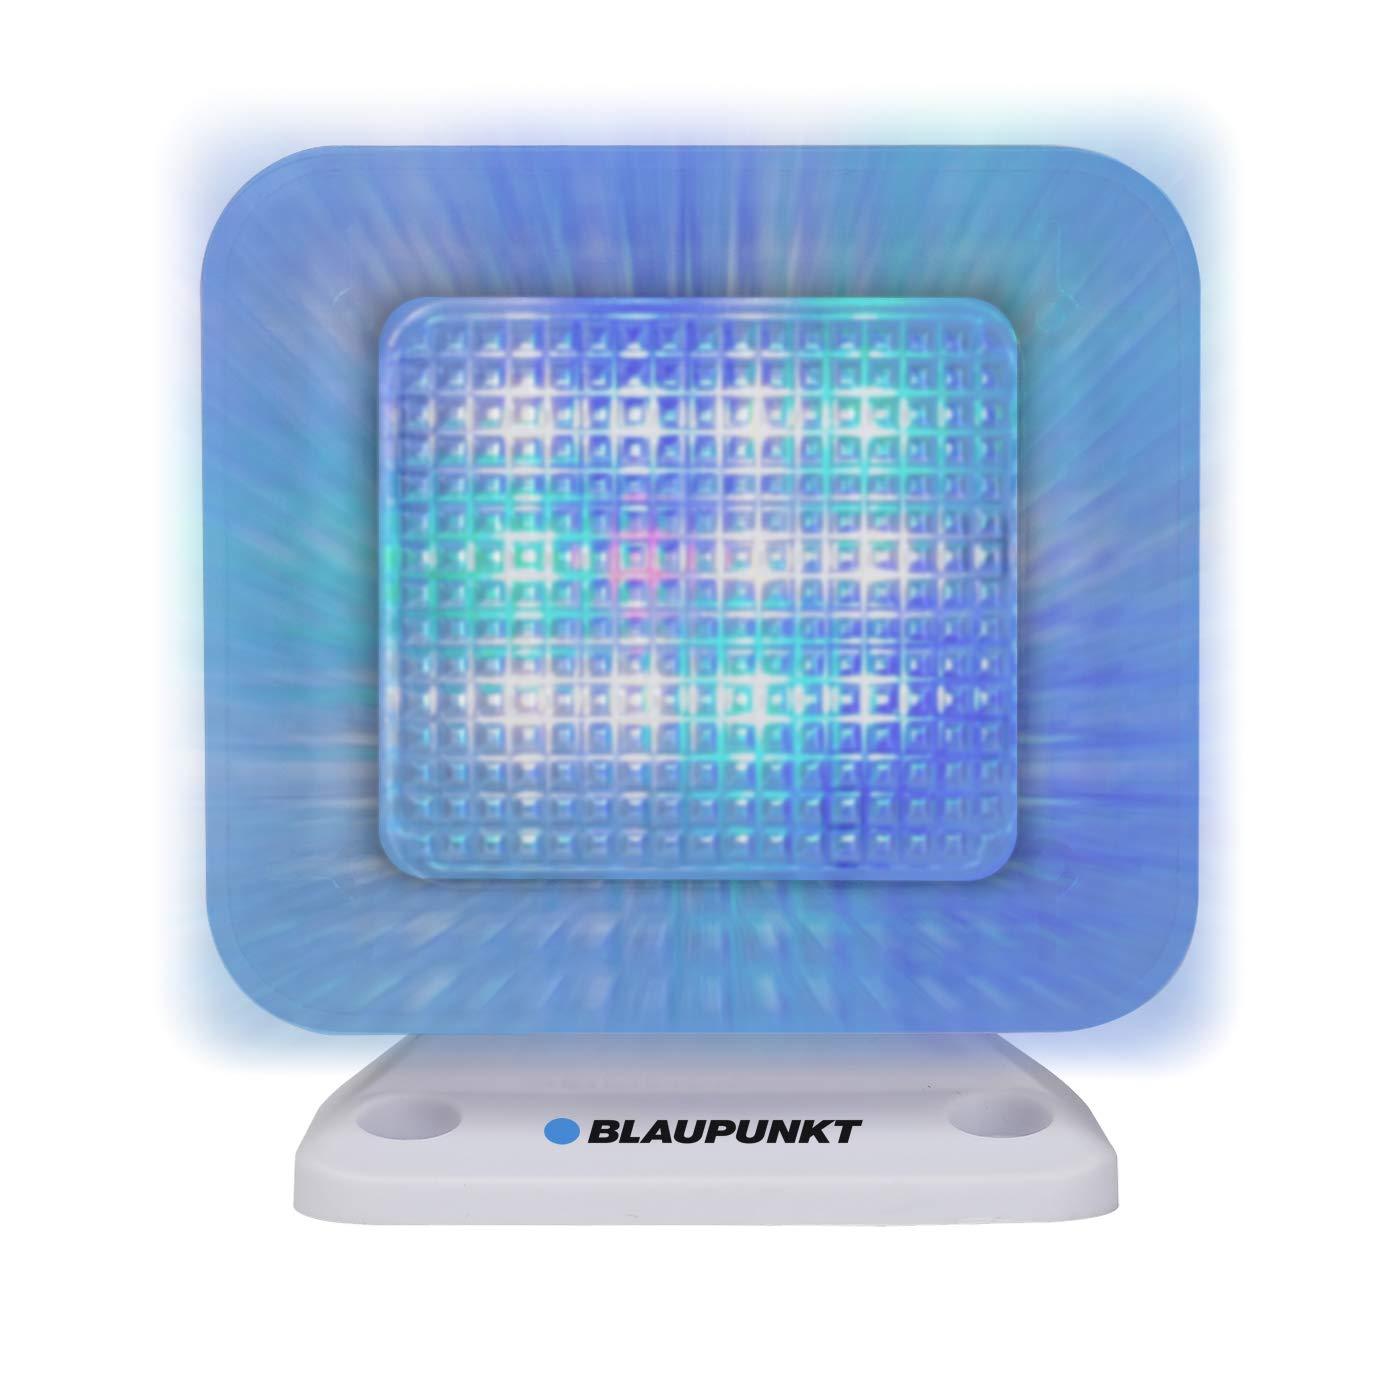 Blaupunkt ISD-TVS1 - Simulador de TV LED: Amazon.es: Industria ...